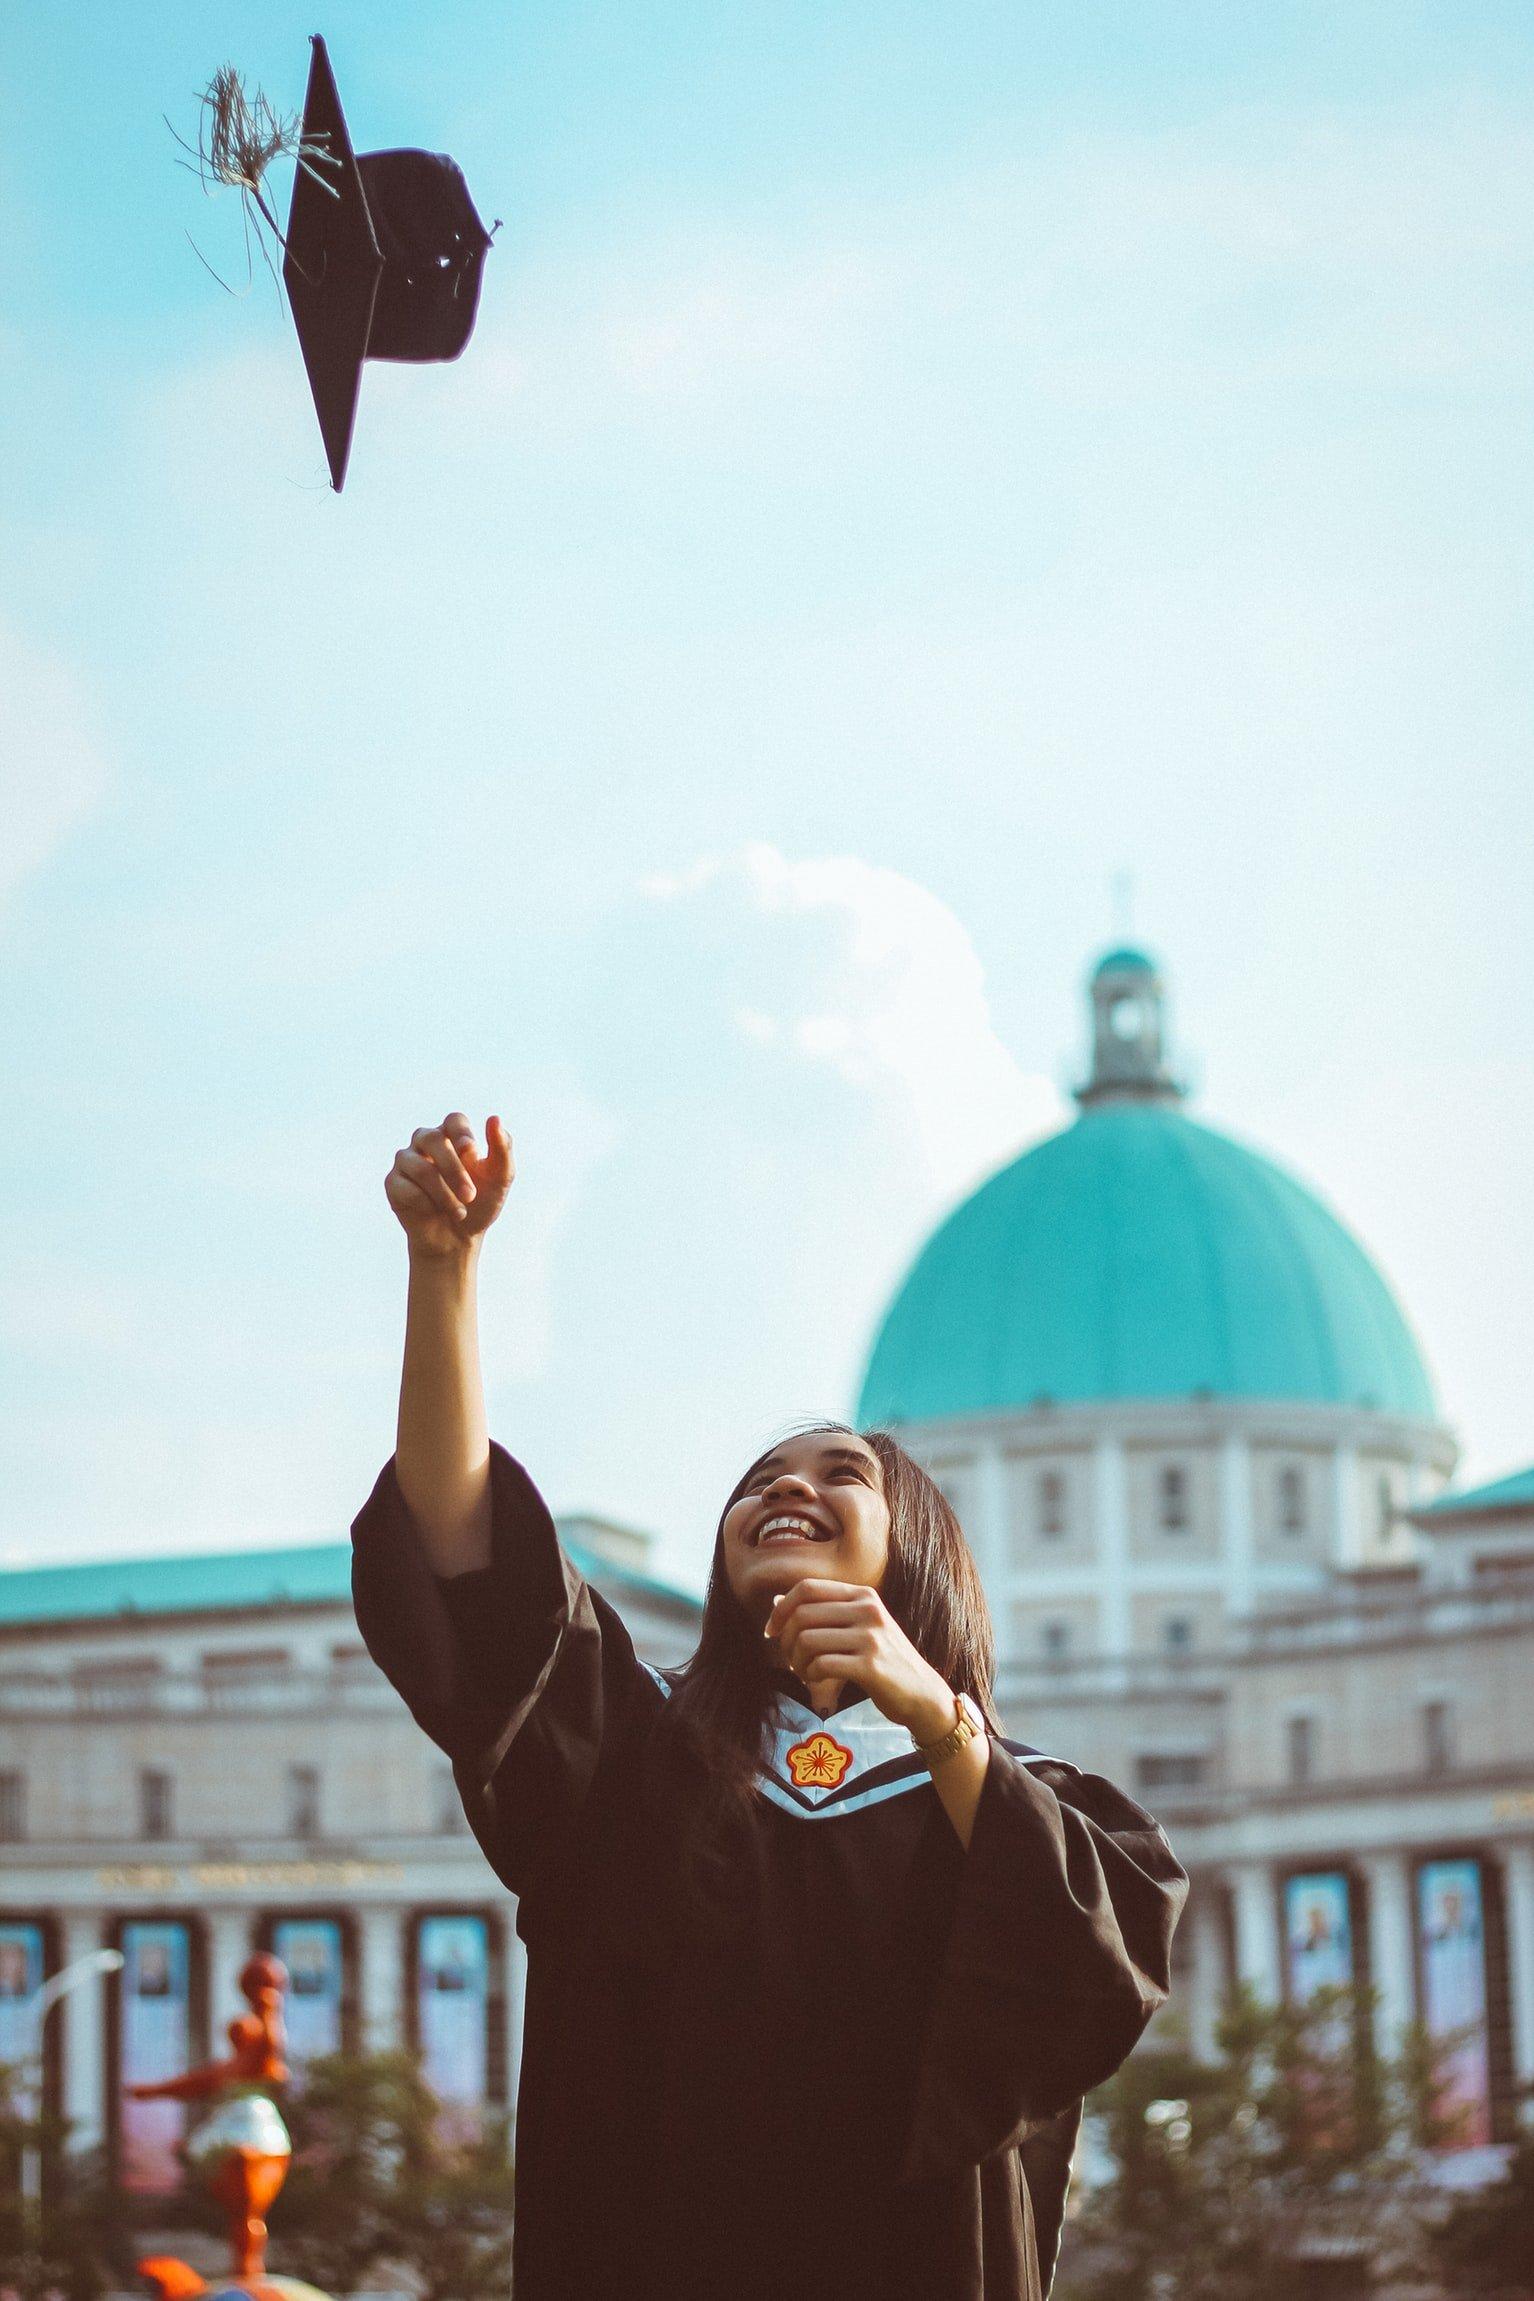 فترة الامتحانات والتصحيح الإلكتروني في الجامعات